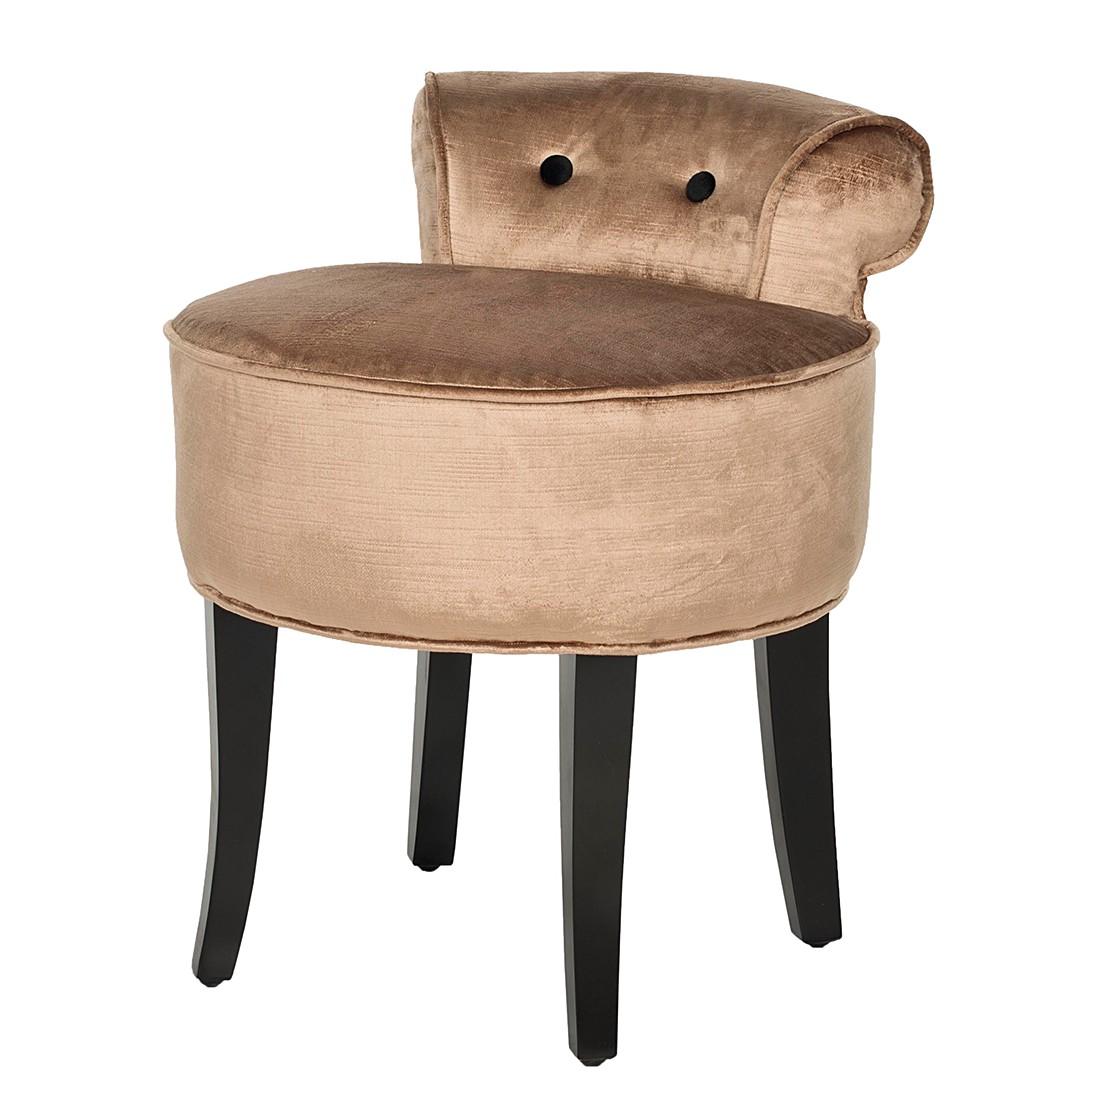 meubles salle manger chaises de salle manger archives le fait main. Black Bedroom Furniture Sets. Home Design Ideas